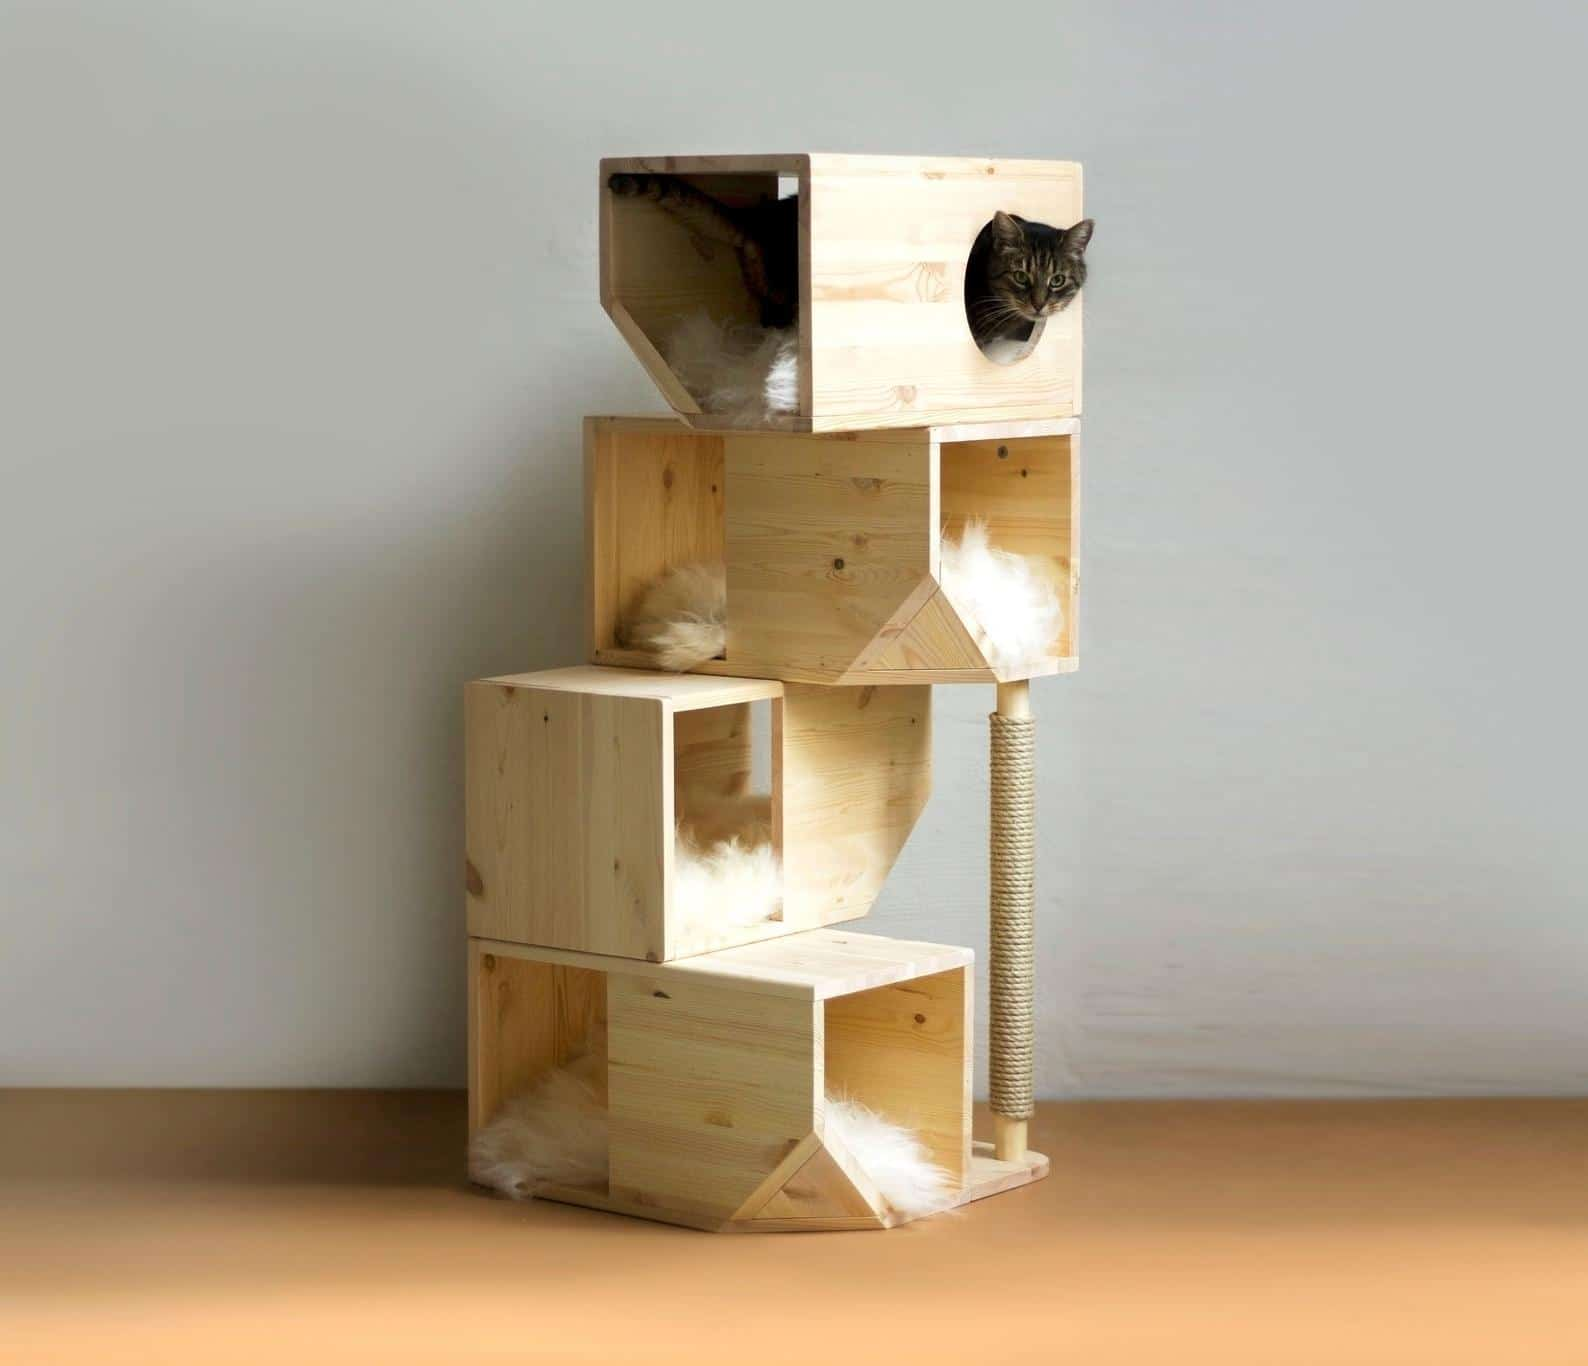 arbre a chat cube bois artisanal